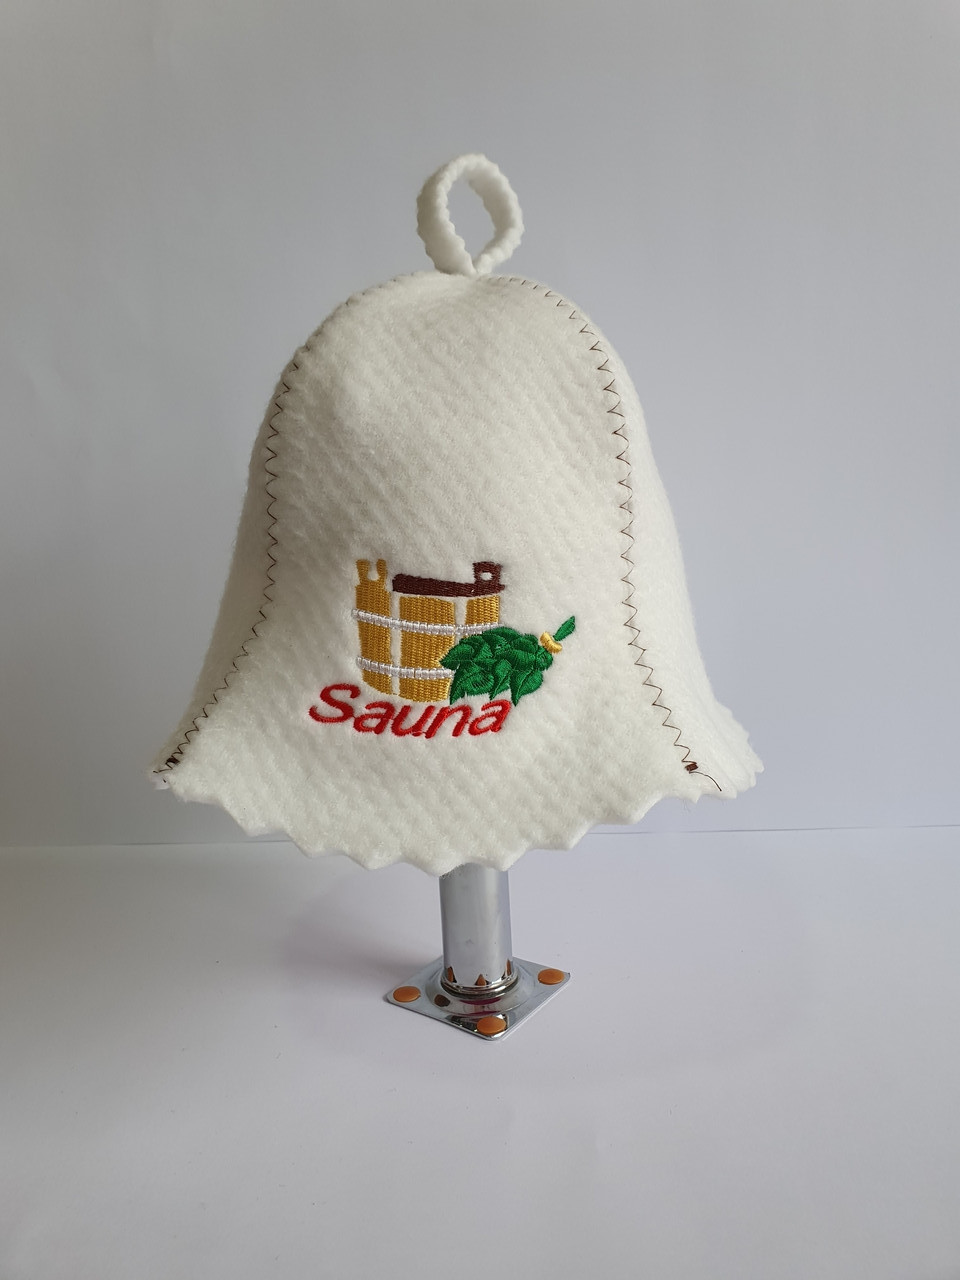 Шапка для бані та сауни з яскравою вишивкою Кадушка Sauna з віником